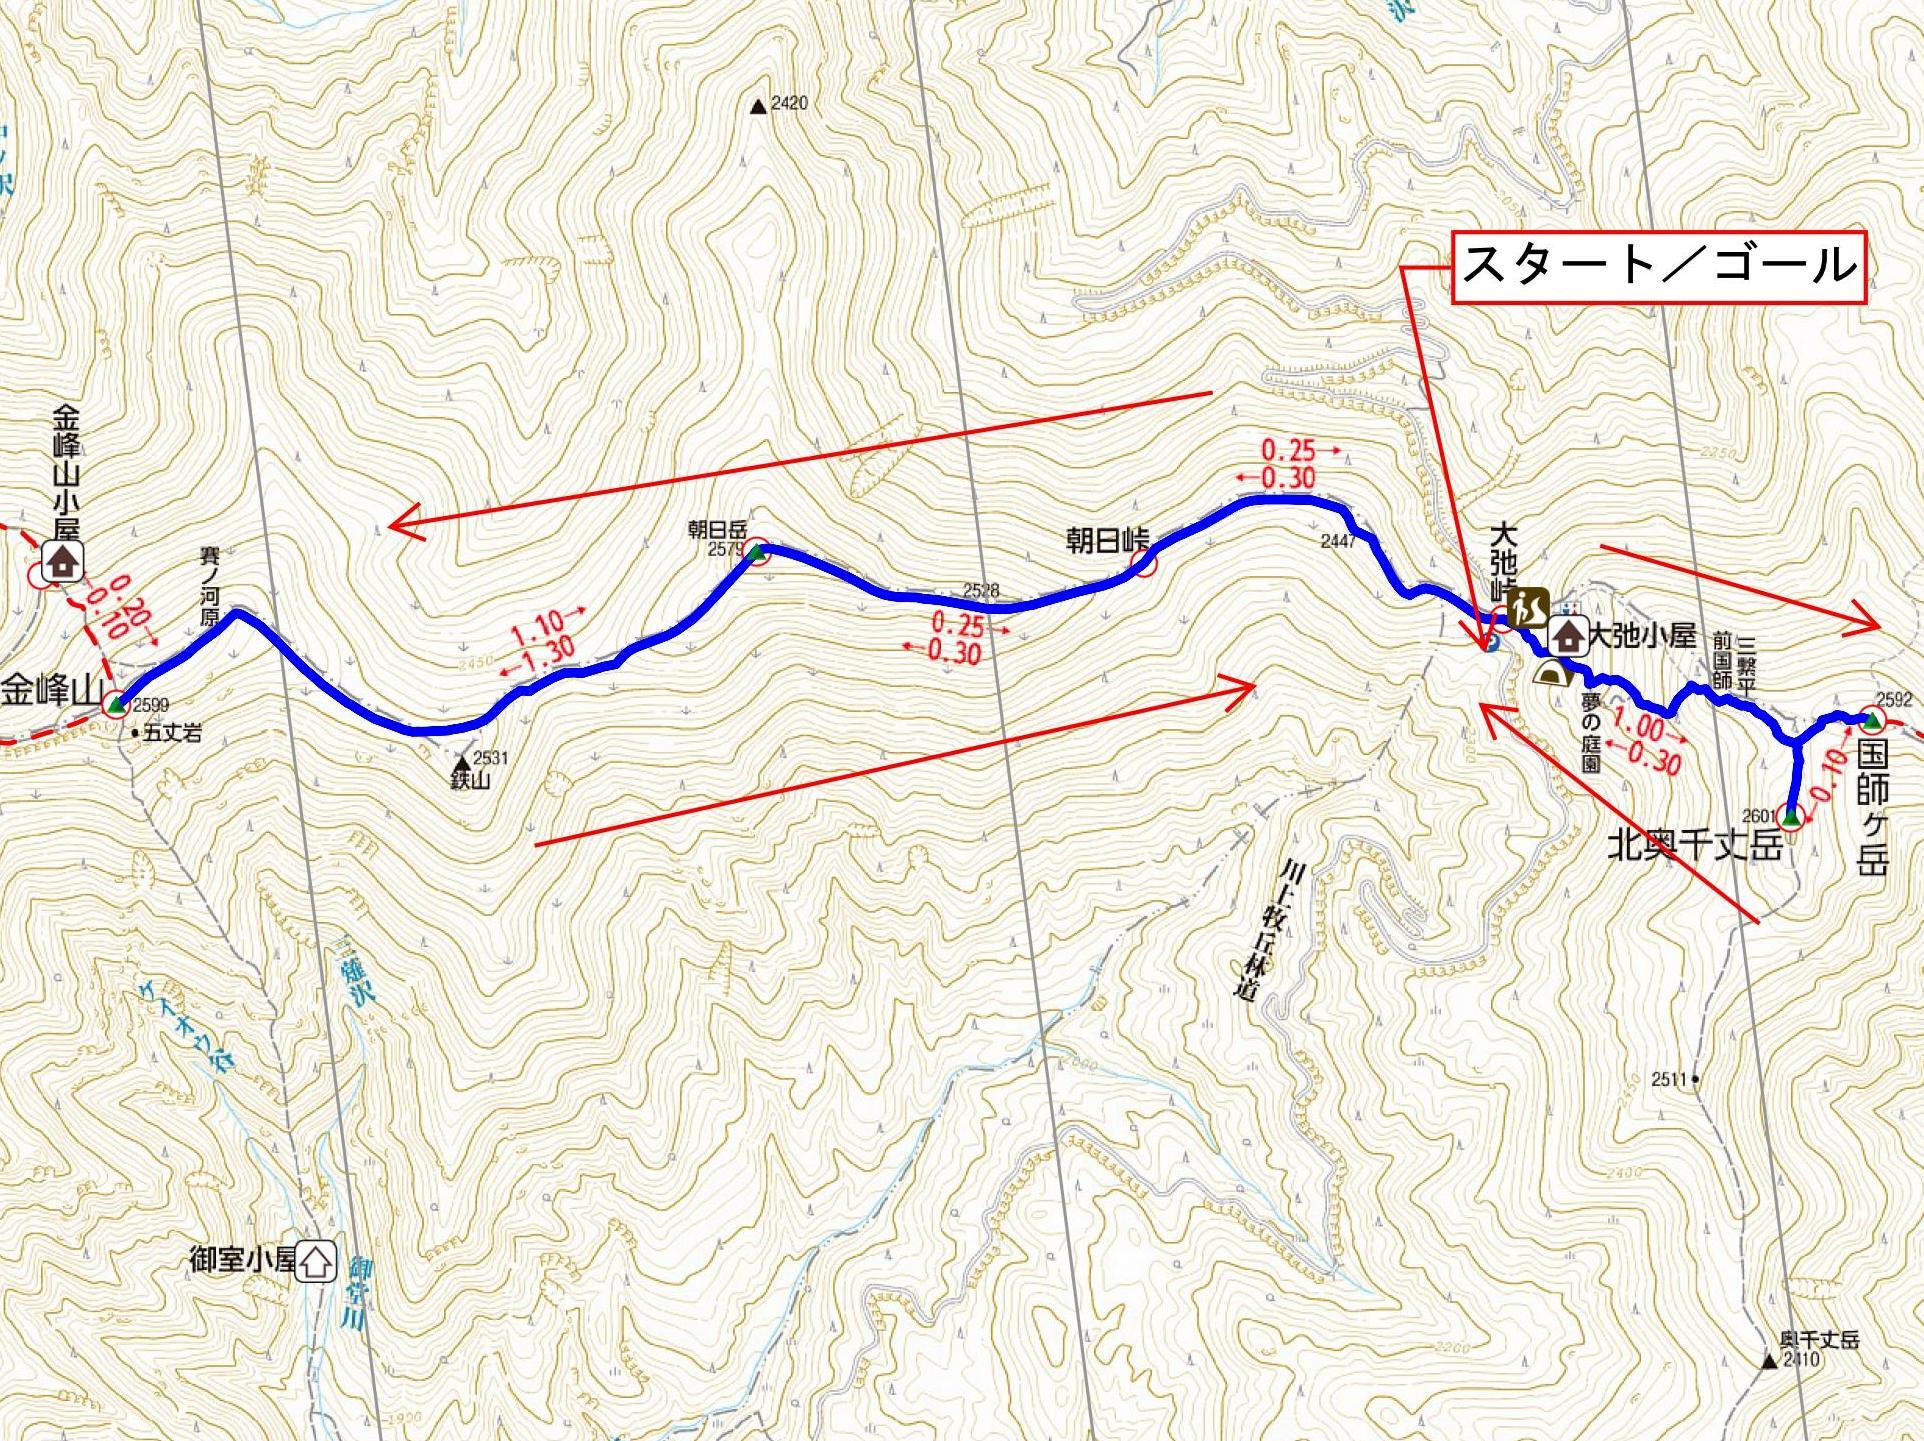 1-コース地図(1ページ版)_02